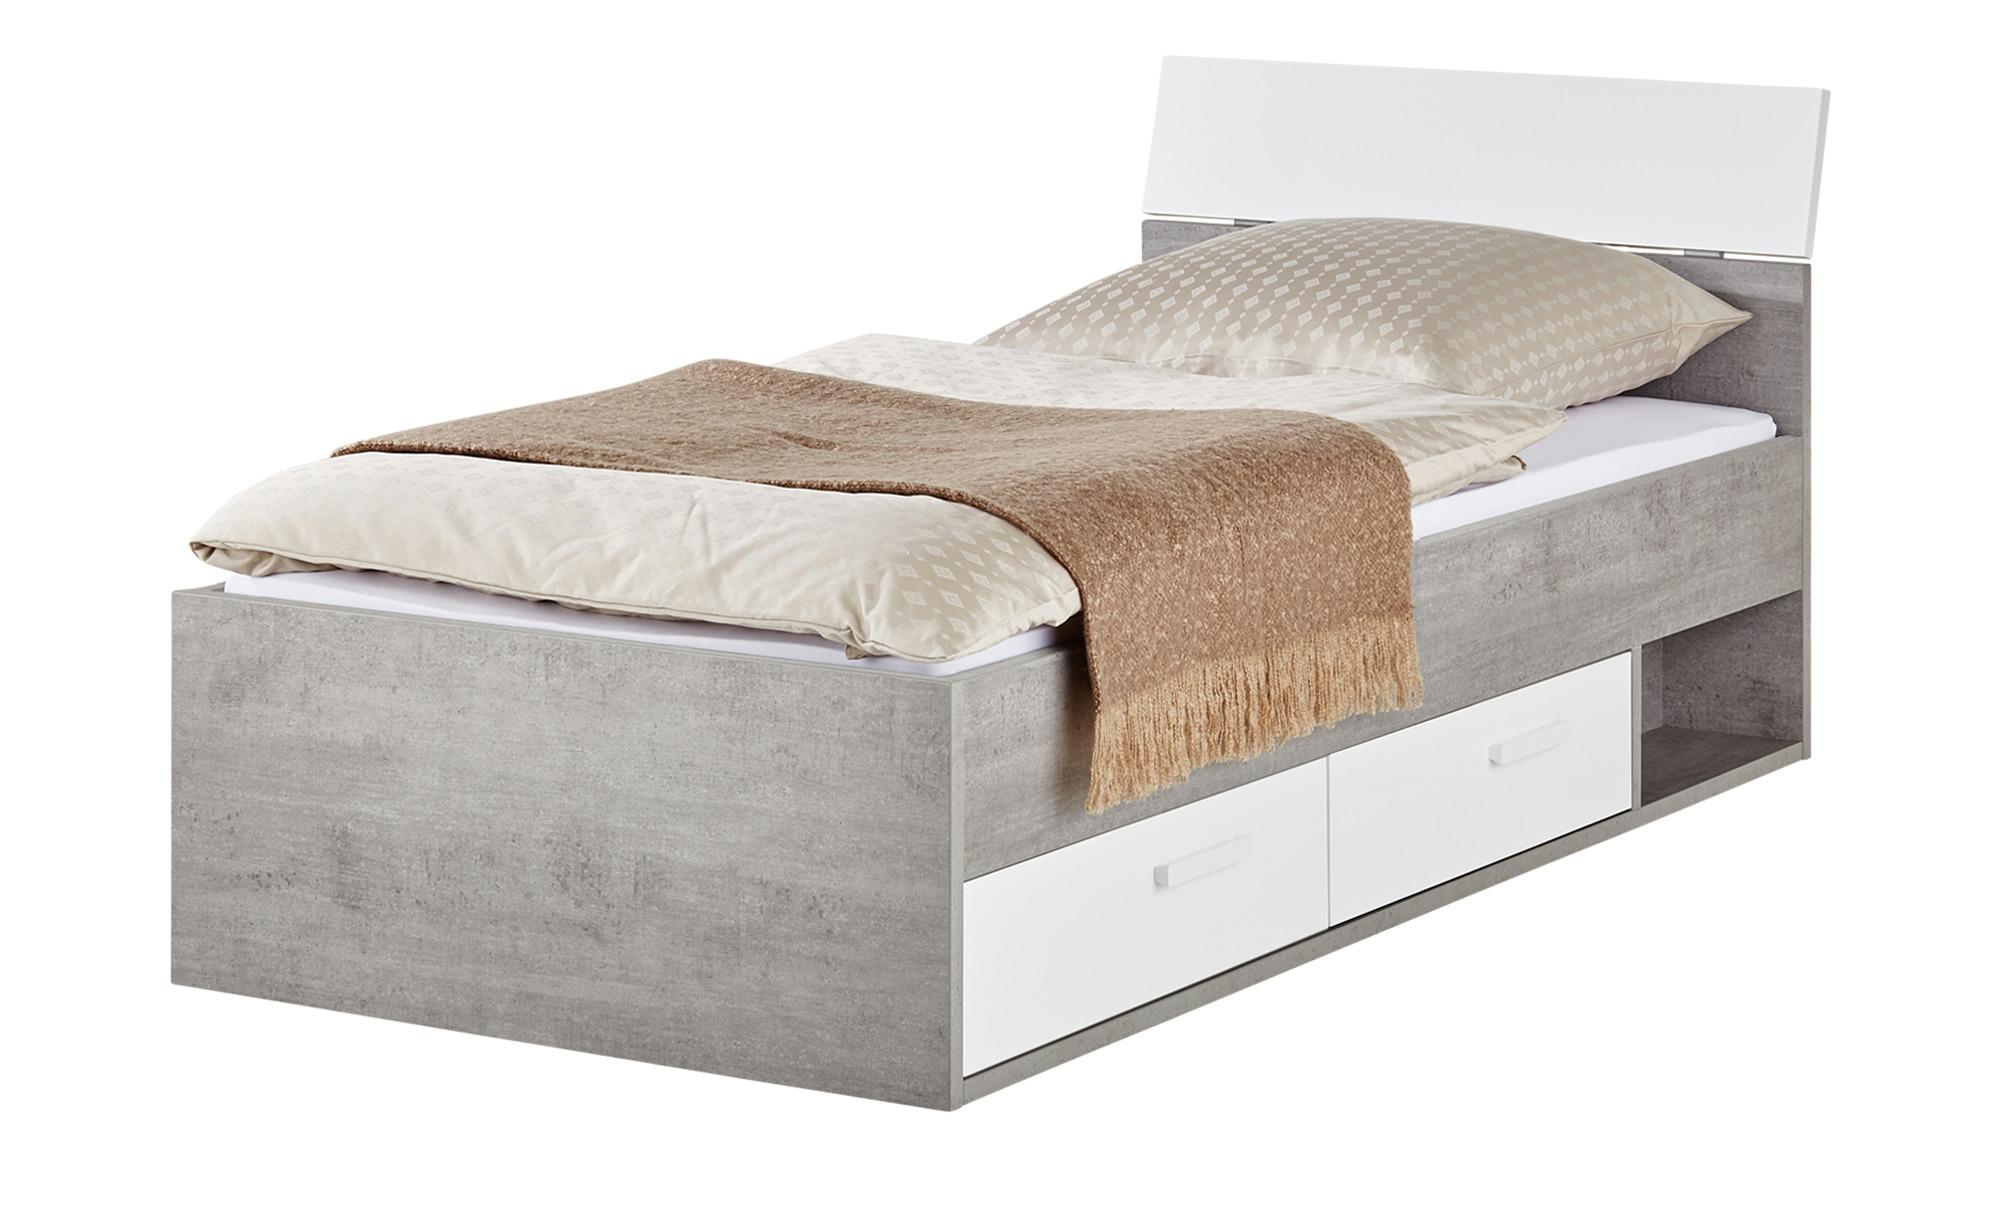 Full Size of Bettgestell 120x200 Cm Sconto Der Mbelmarkt Bett Weiß Mit Matratze Und Lattenrost Bettkasten Betten Wohnzimmer Bettgestell 120x200